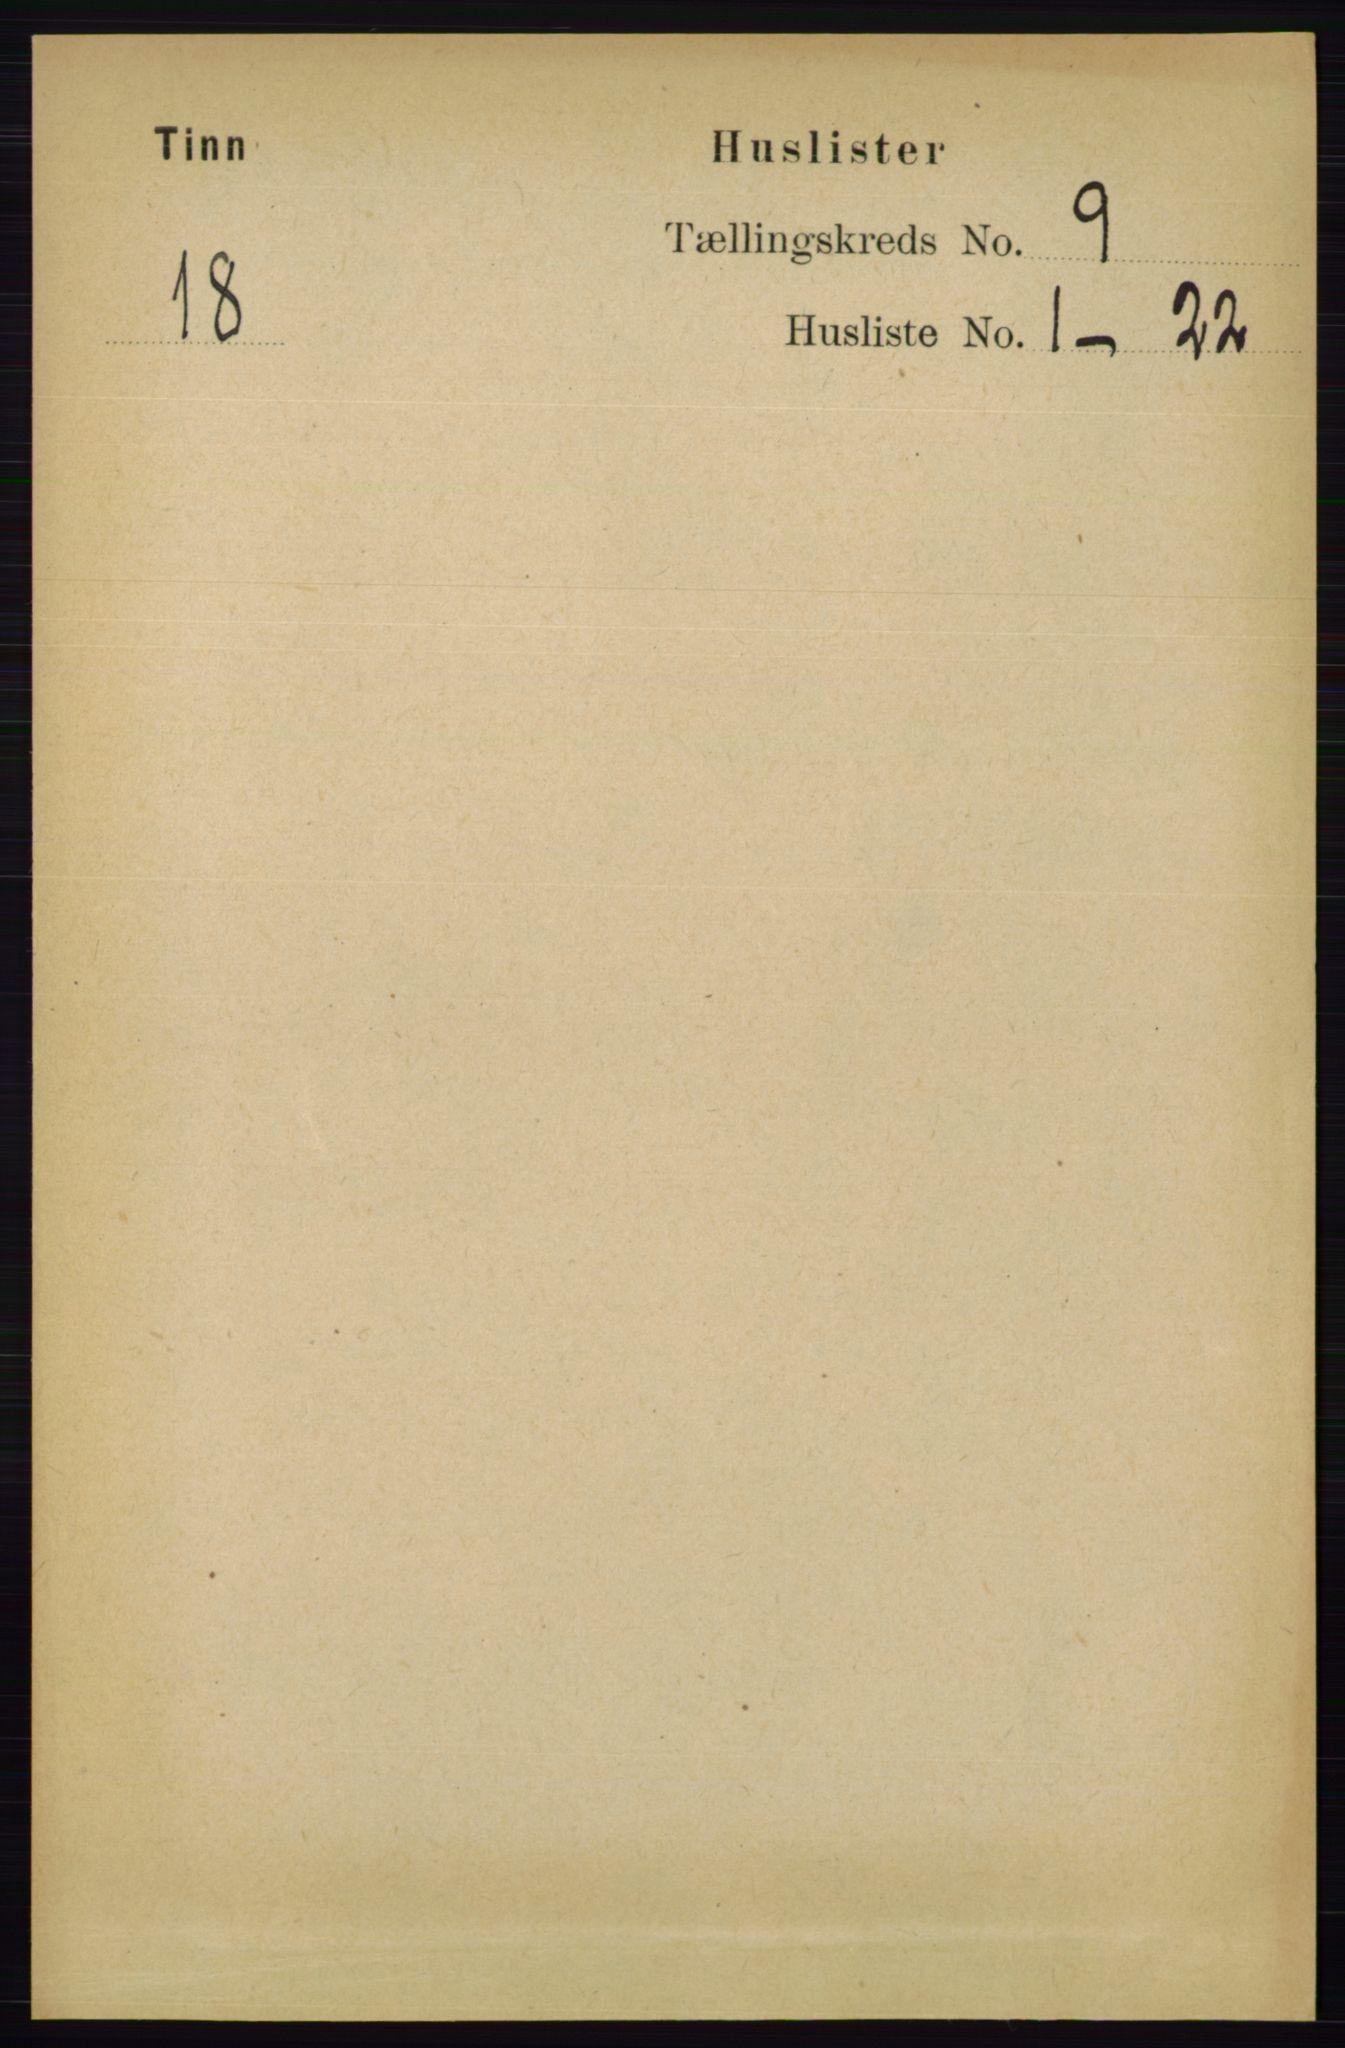 RA, Folketelling 1891 for 0826 Tinn herred, 1891, s. 1794